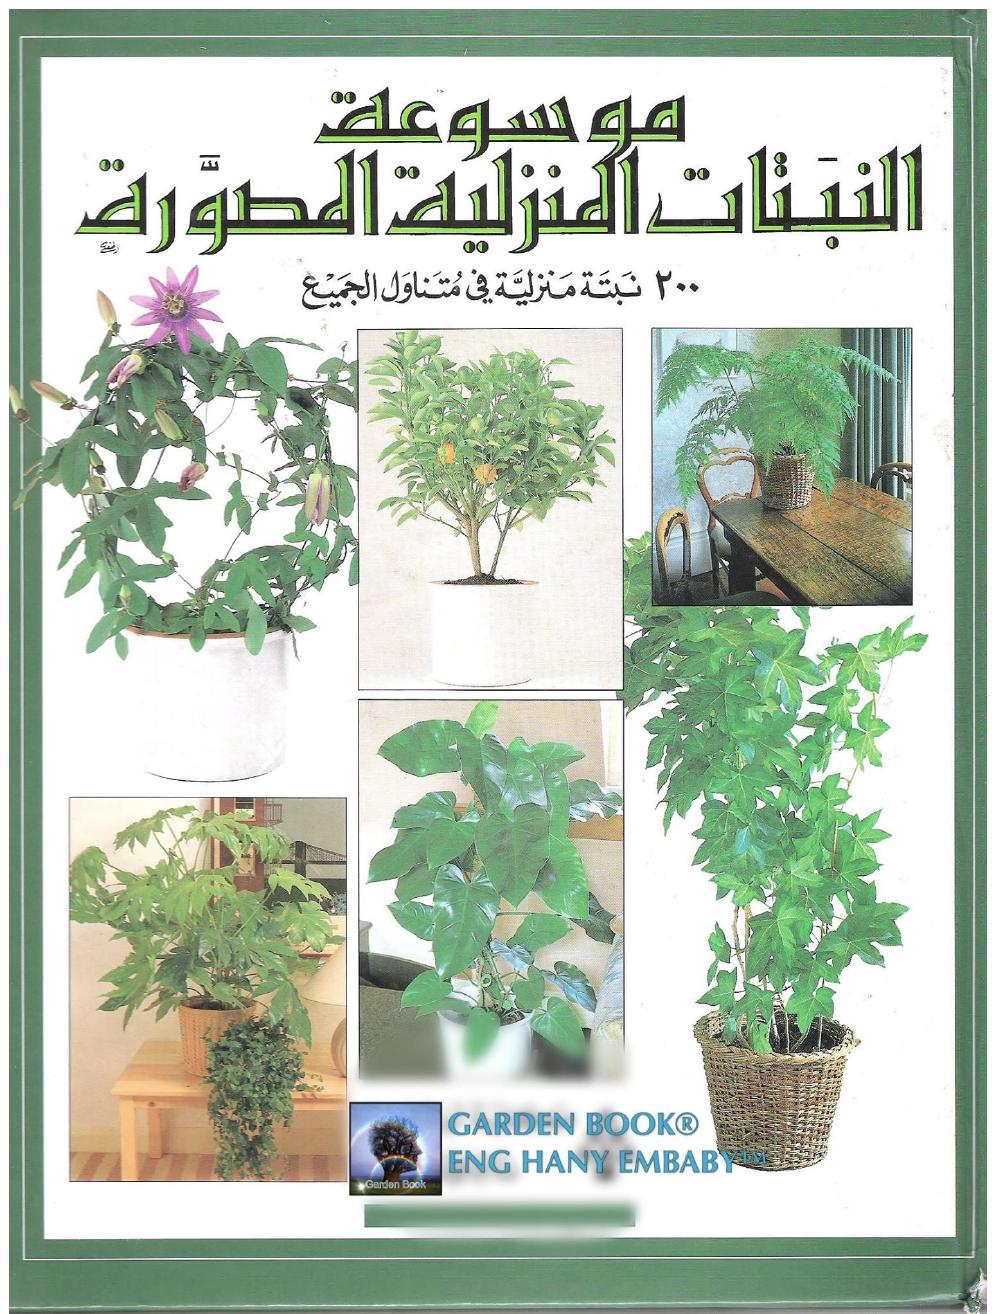 كتاب: موسوعة النباتات المنزلية المصورة